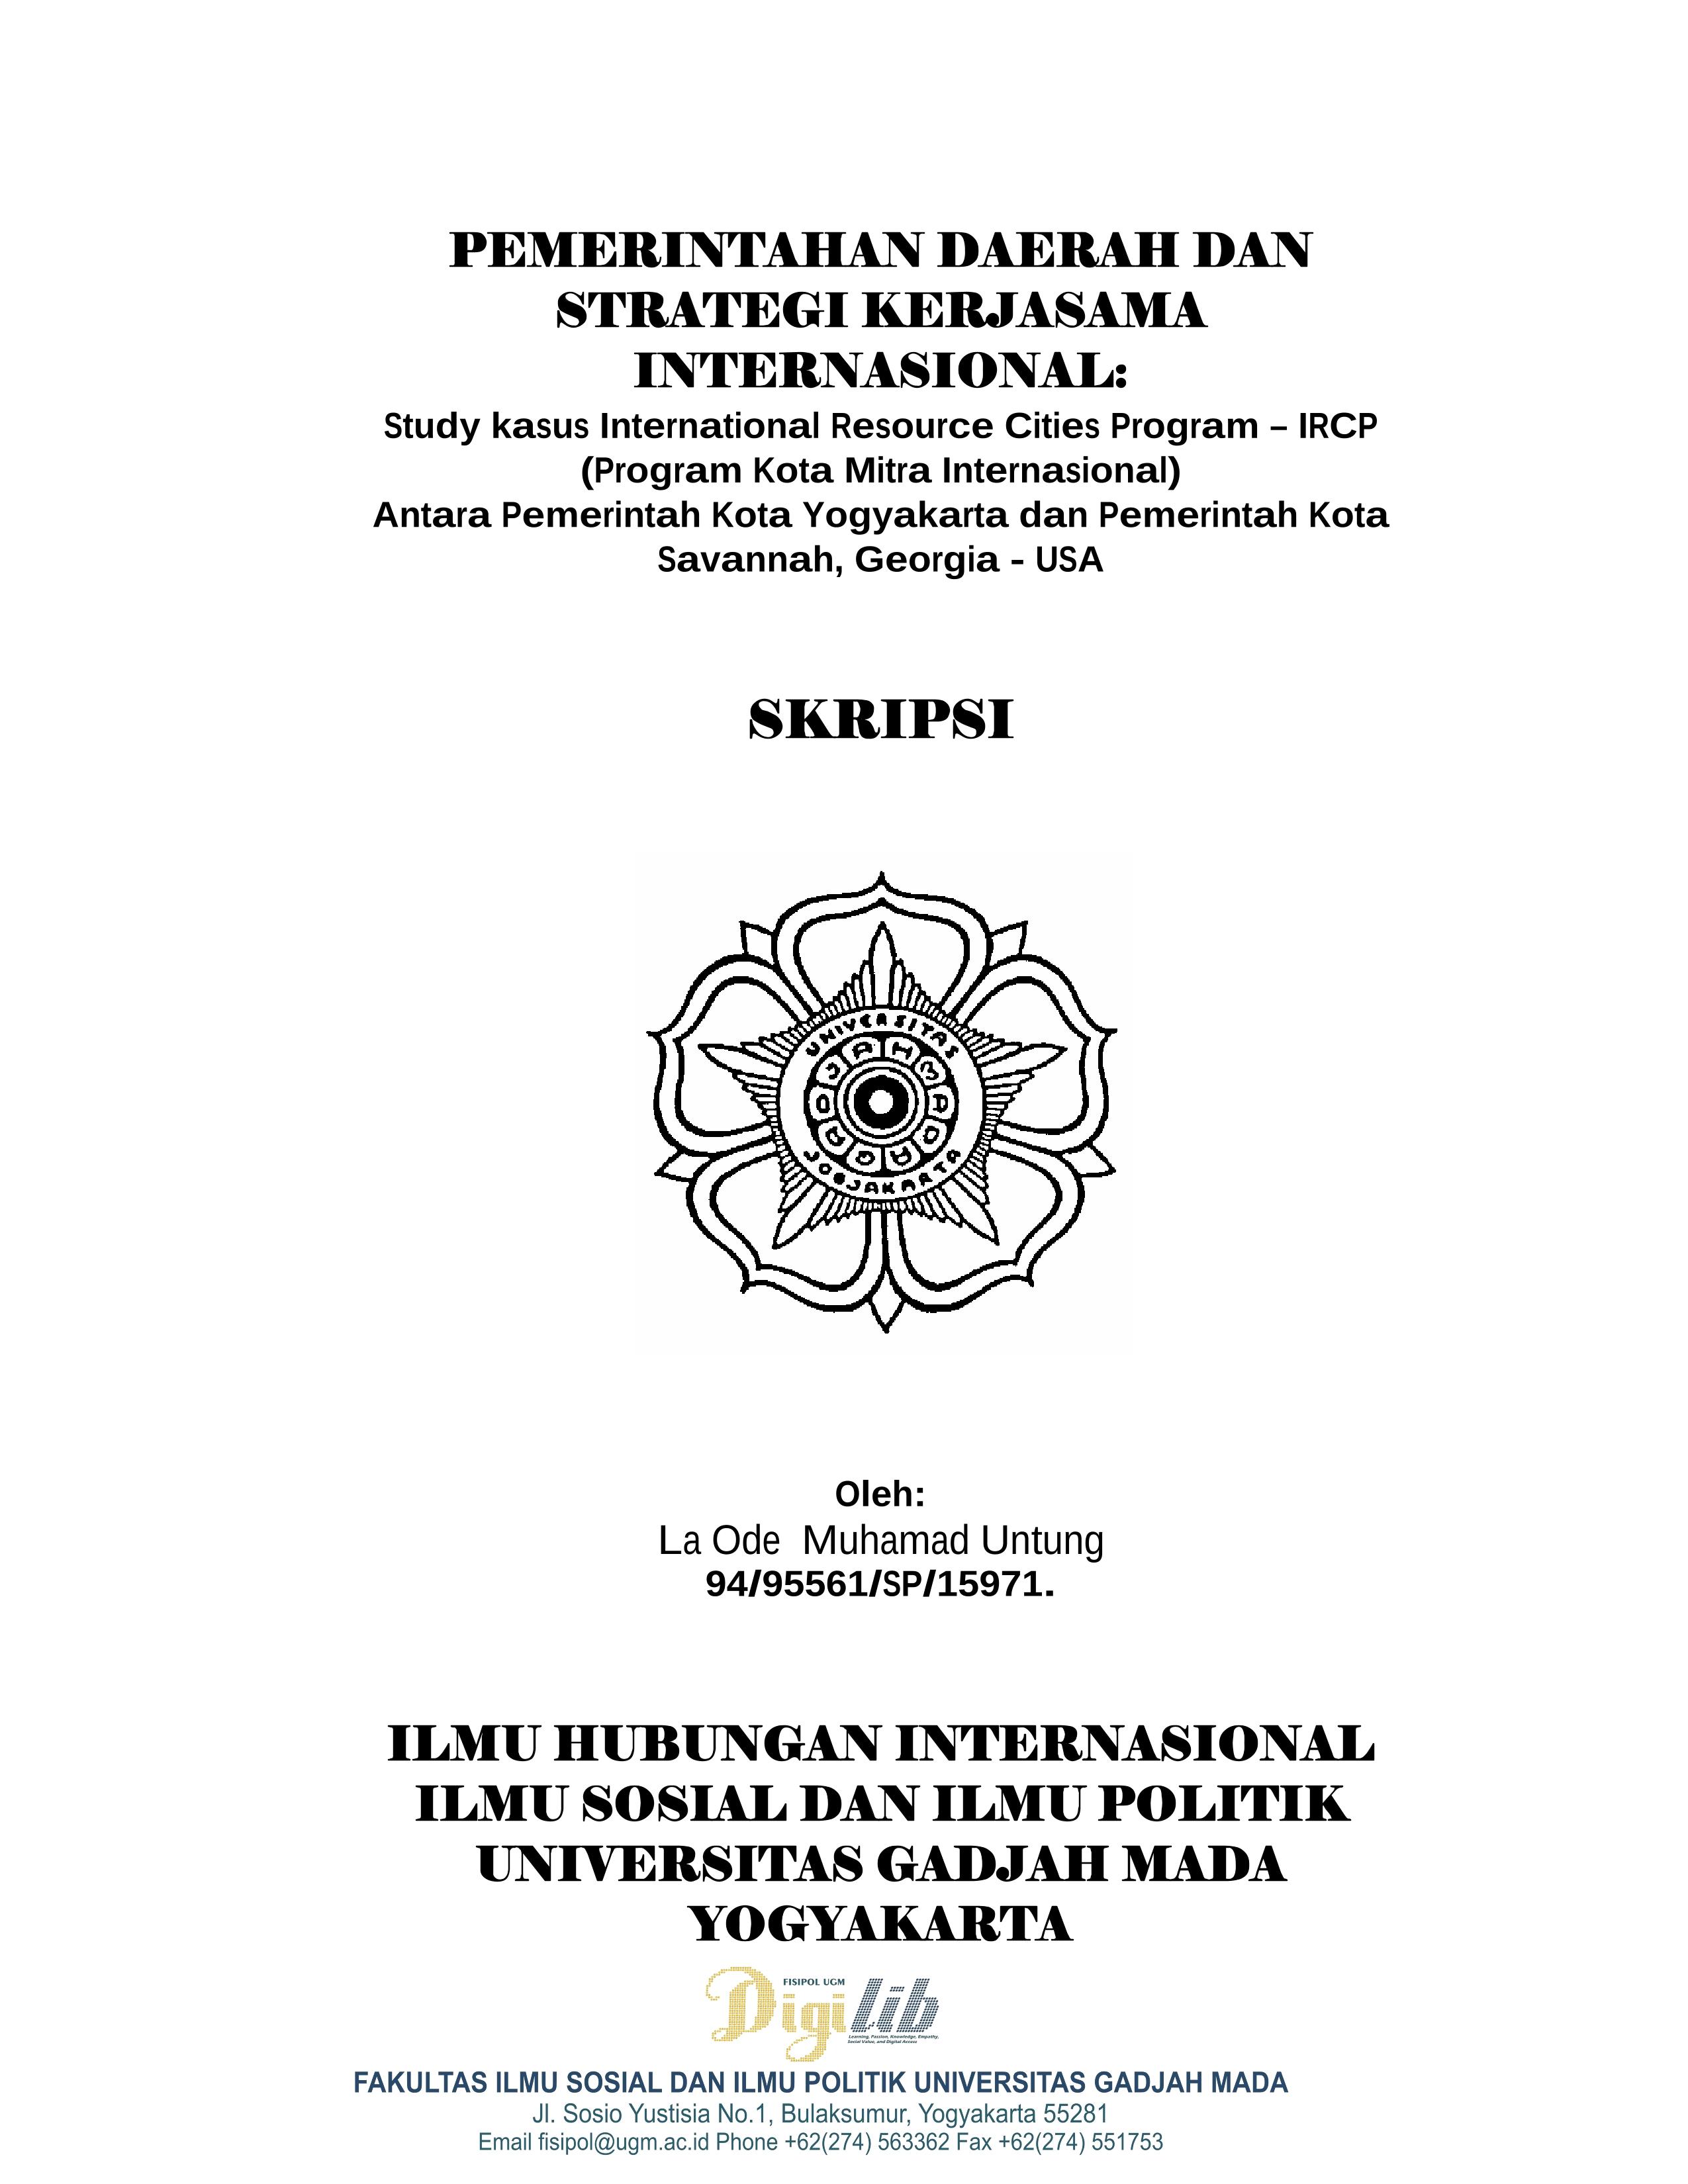 Digilib Fisipol Ugm Yogyakarta Indonesia Learning Passion Knowledge Empathy Social Value And Digital Access Pemerintah Daerah Dan Strategi Kerja Sama Internasional Studi Kasus Internasional Resaurce Cities Program Ircp Program Kota